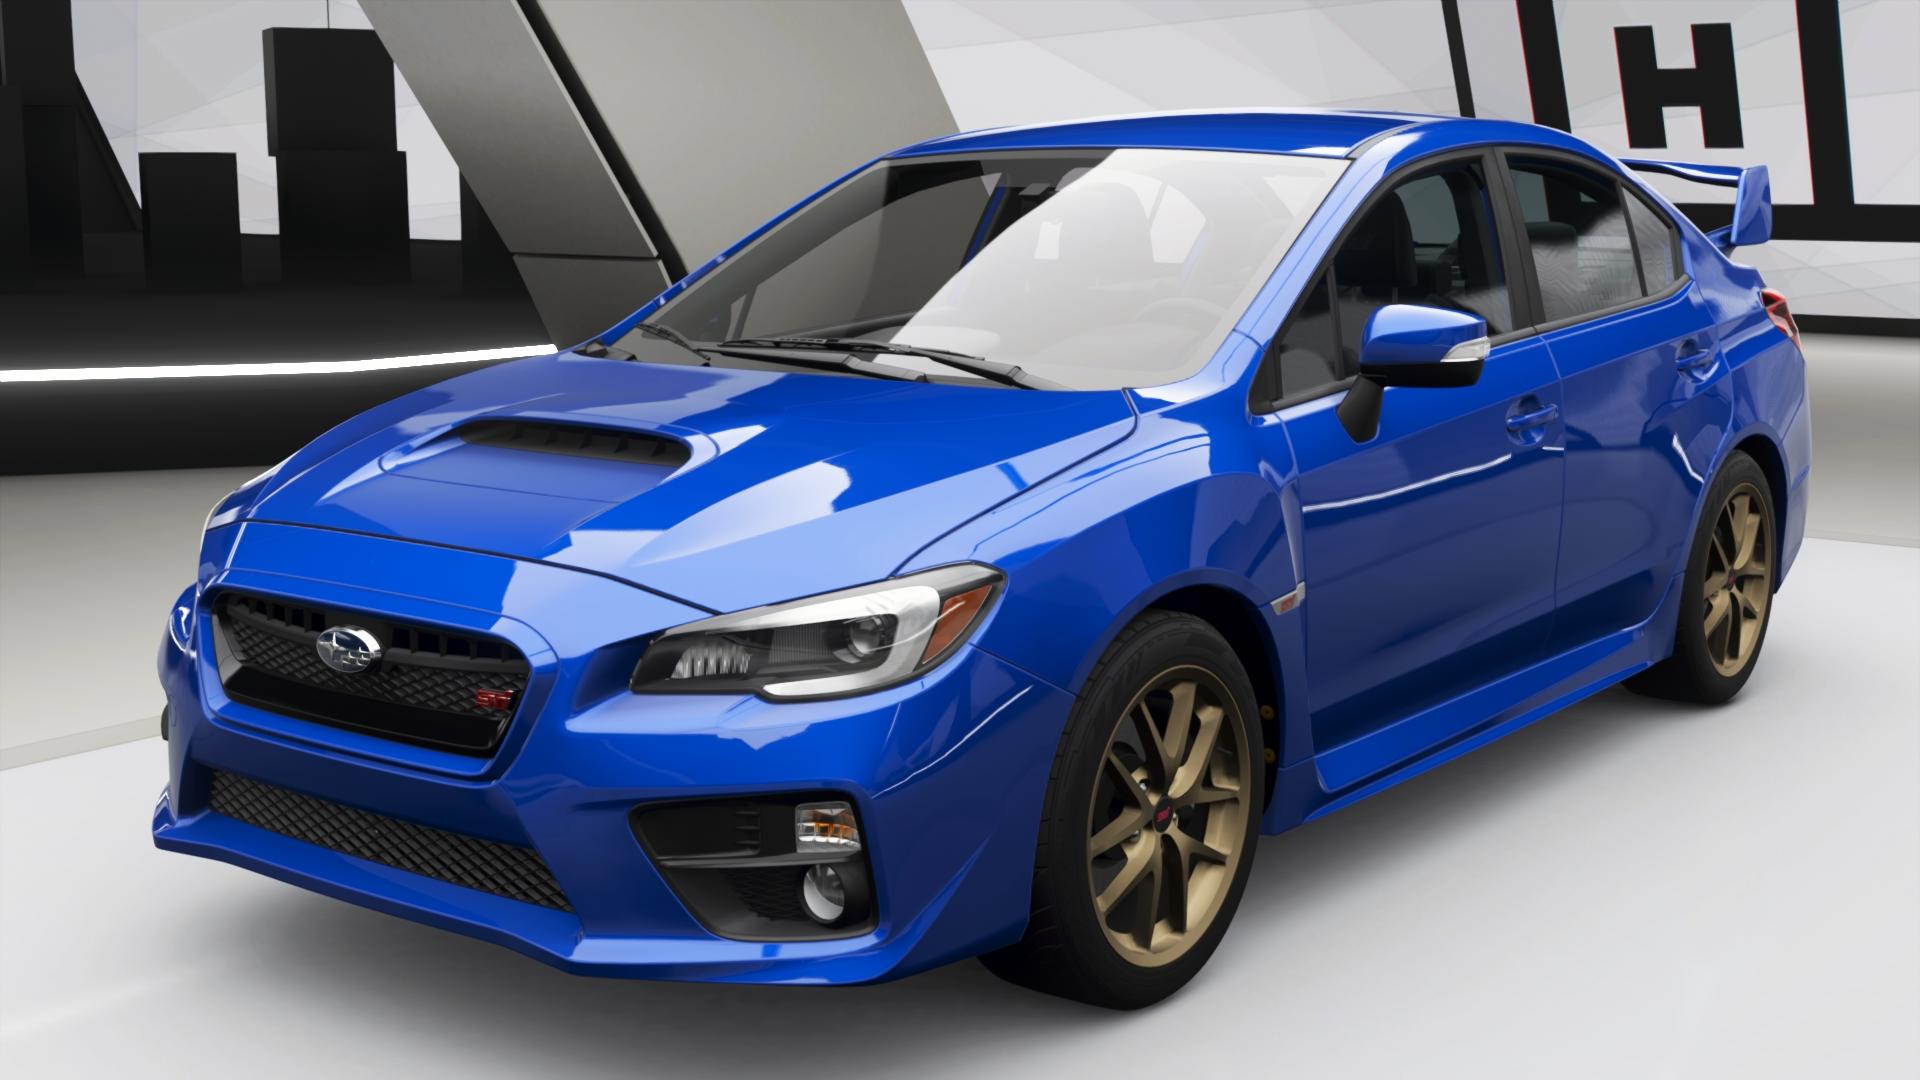 Subaru WRX STI (2015) | Forza Motorsport Wiki | FANDOM powered by Wikia